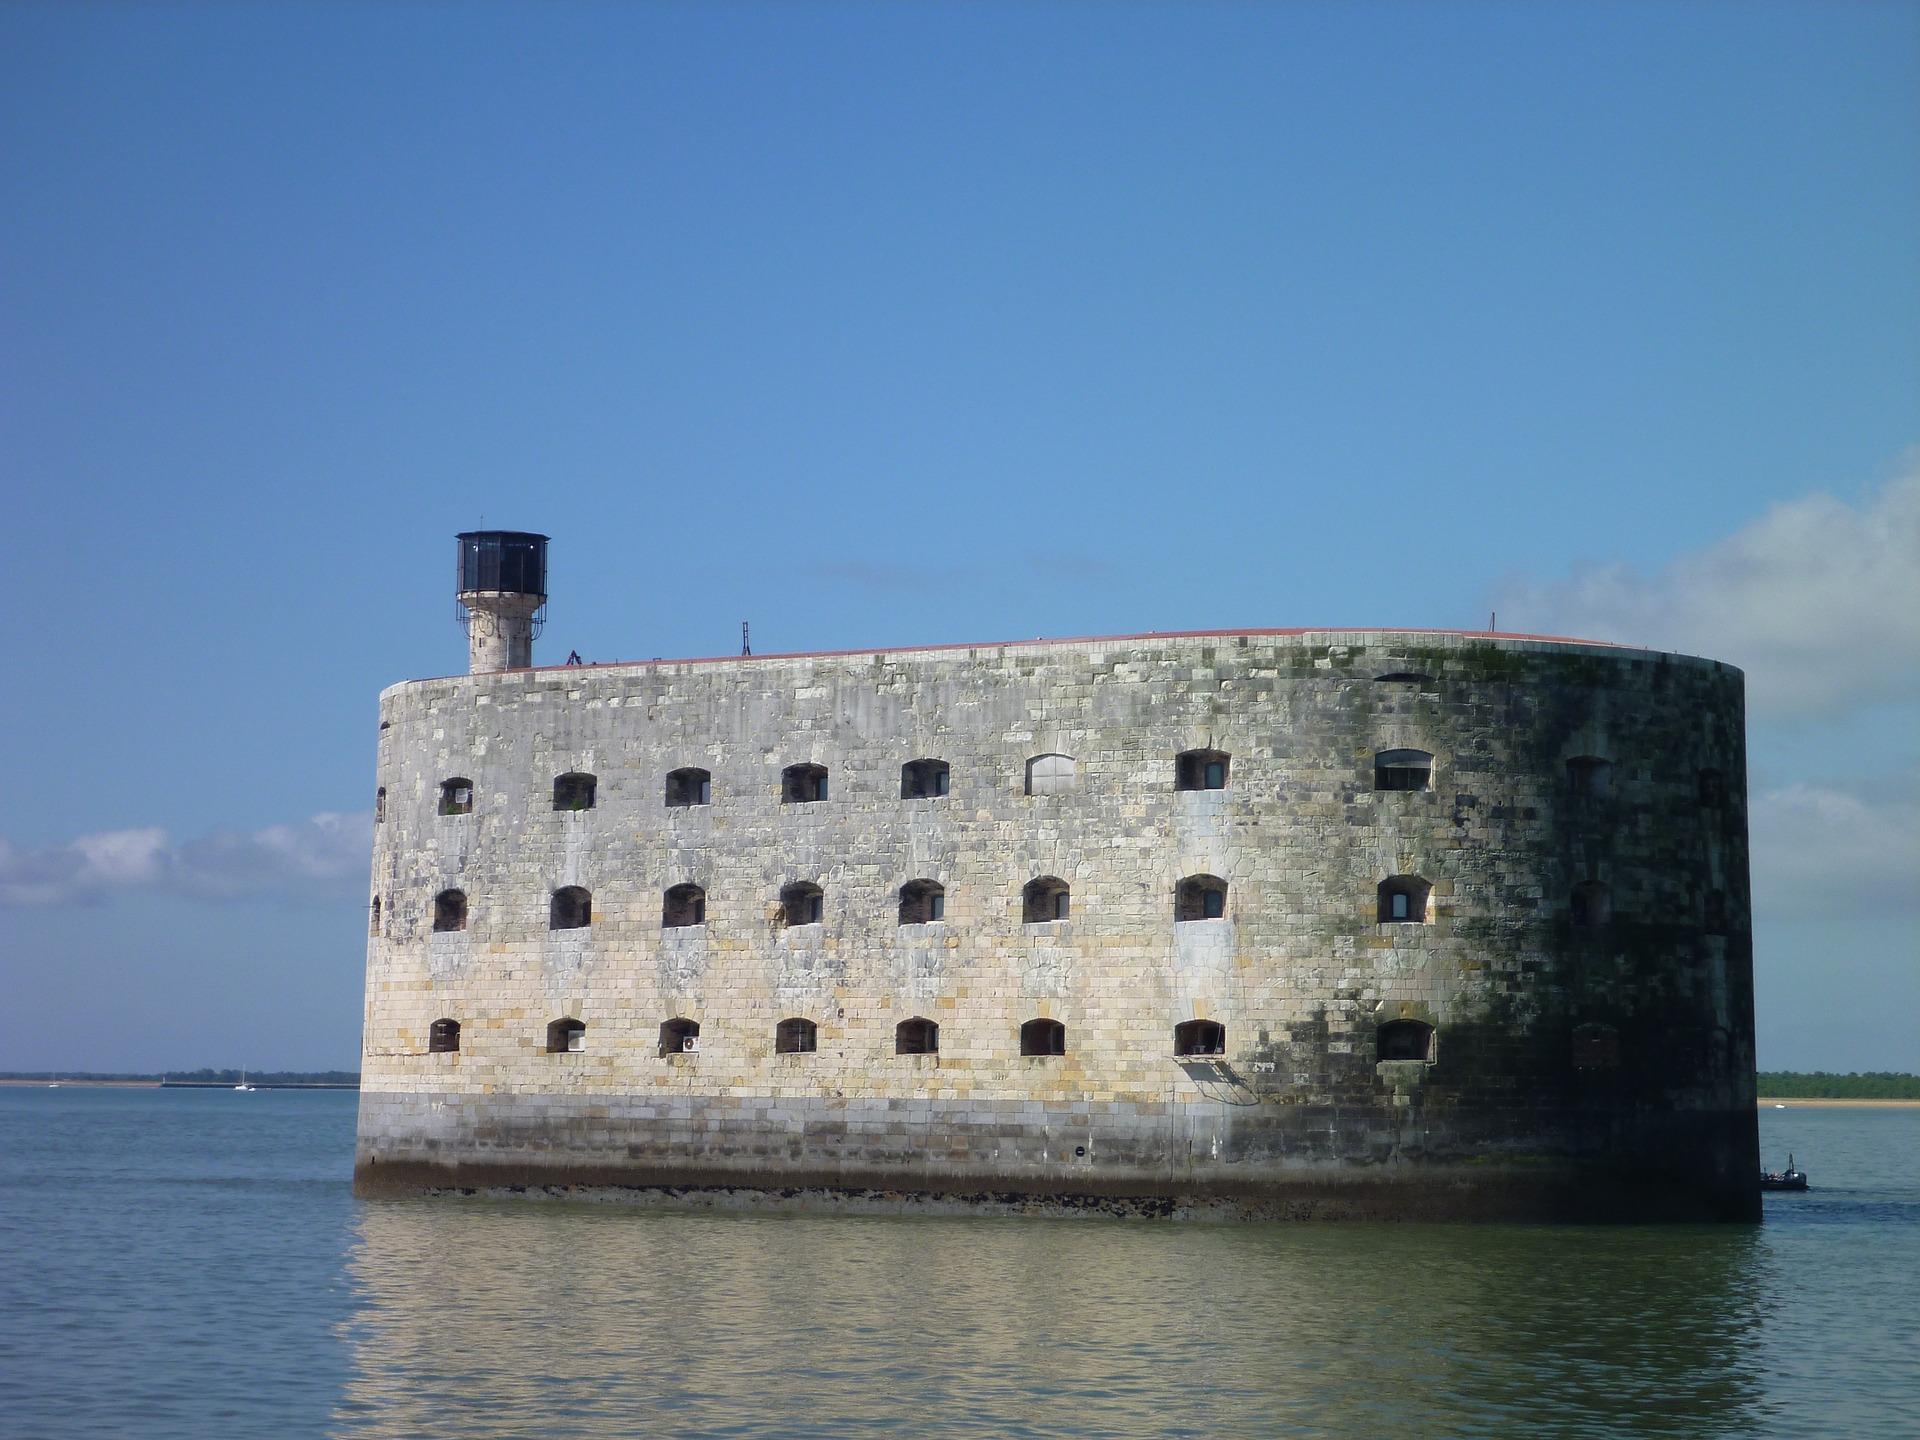 Fort Boyard france